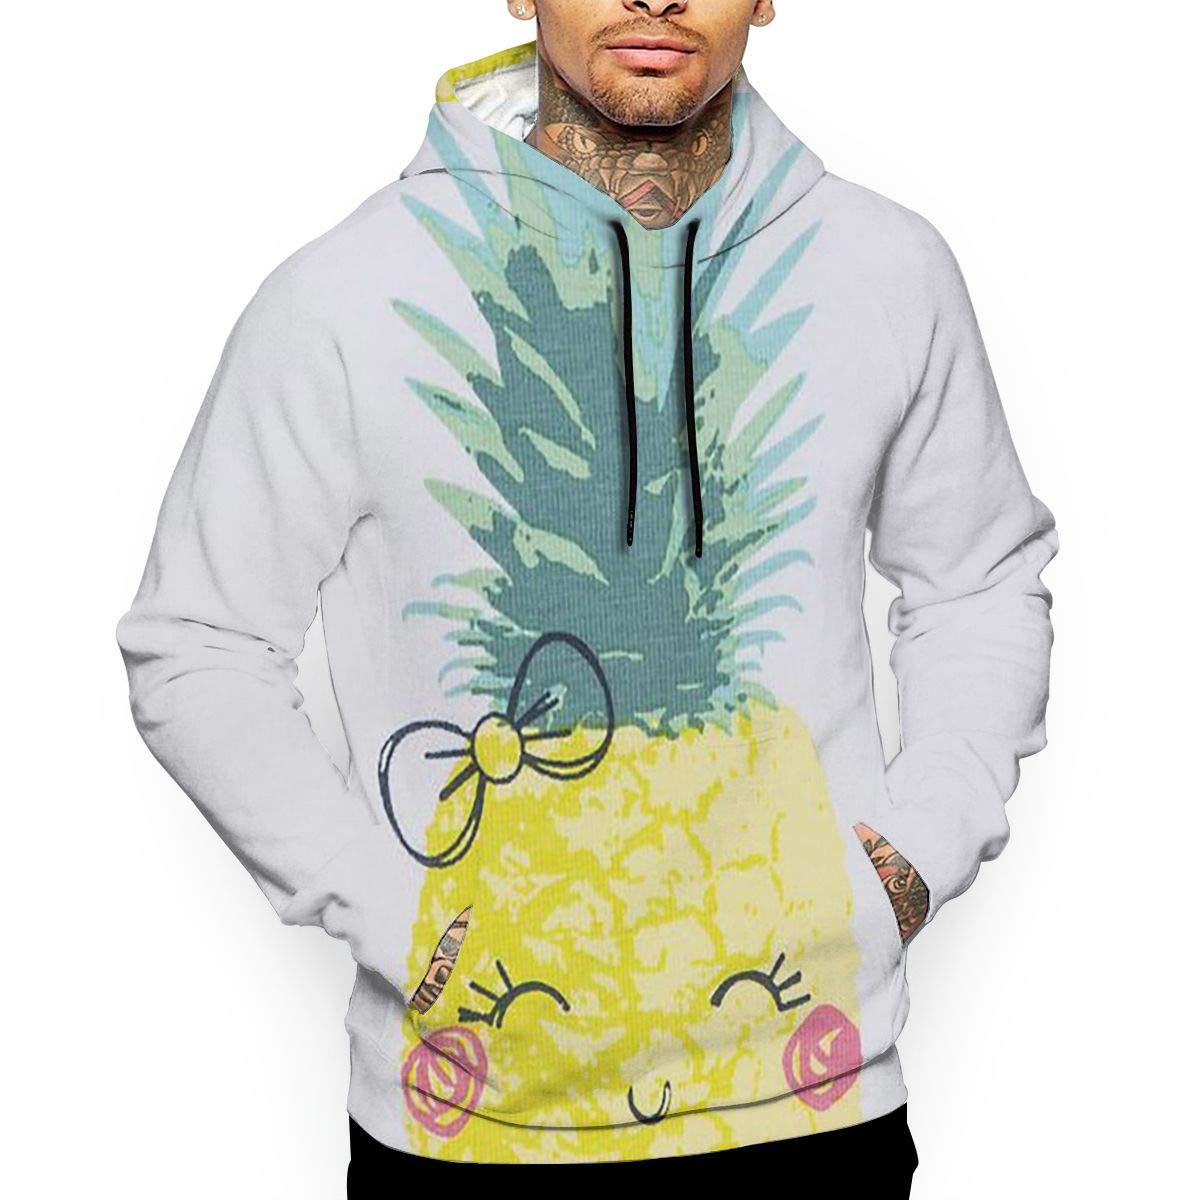 YUANSHAN Pineapple Bow Mans Long Sleeve Hoodie Casual Pocket Hooded Sweatshirt